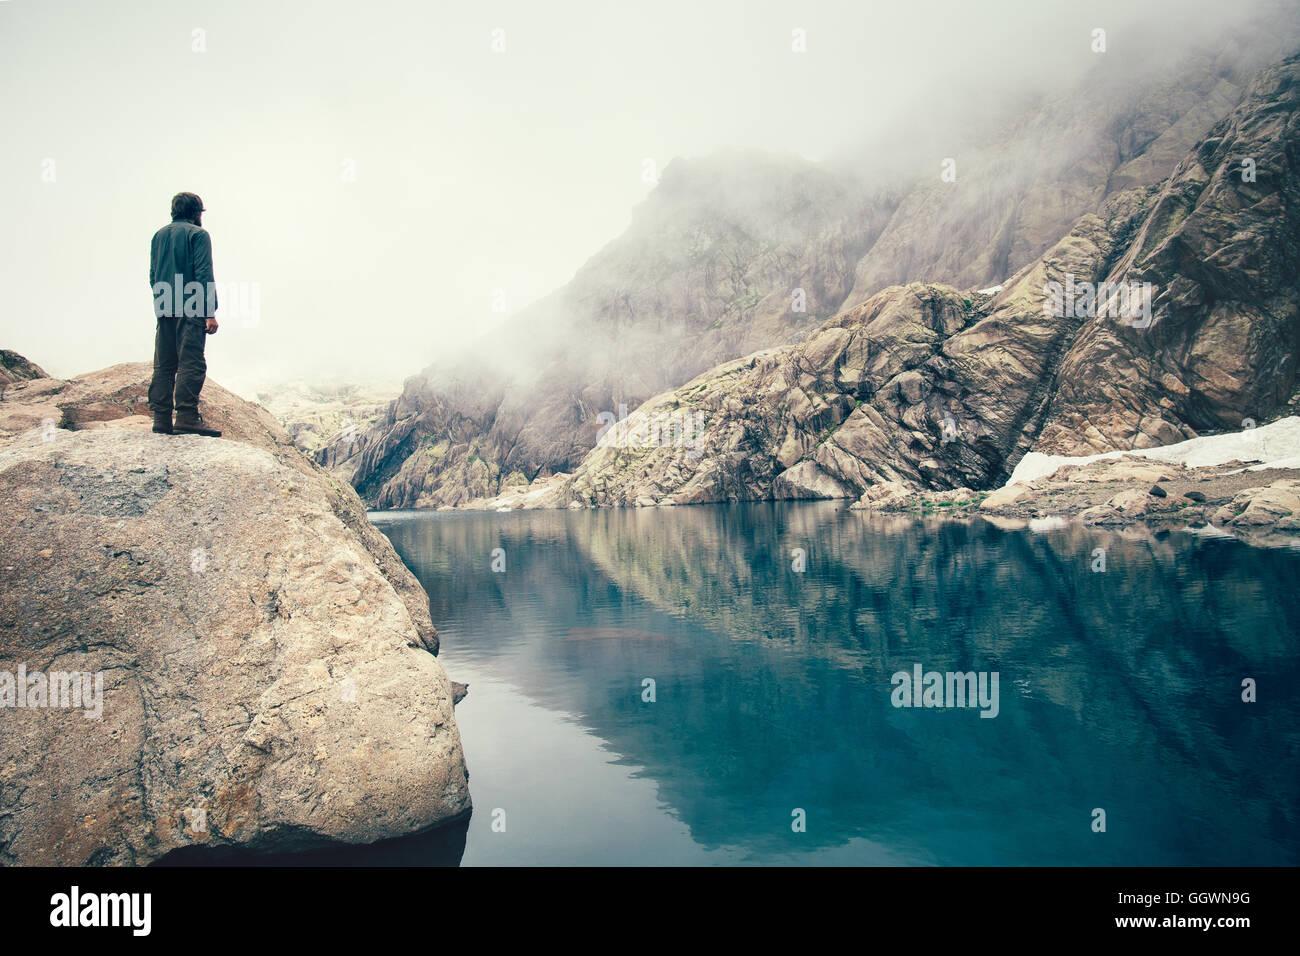 Homem Viajante sozinha na pedra cliff lago e montanhas de fundo estilo de viagem conceito piscina Foto de Stock